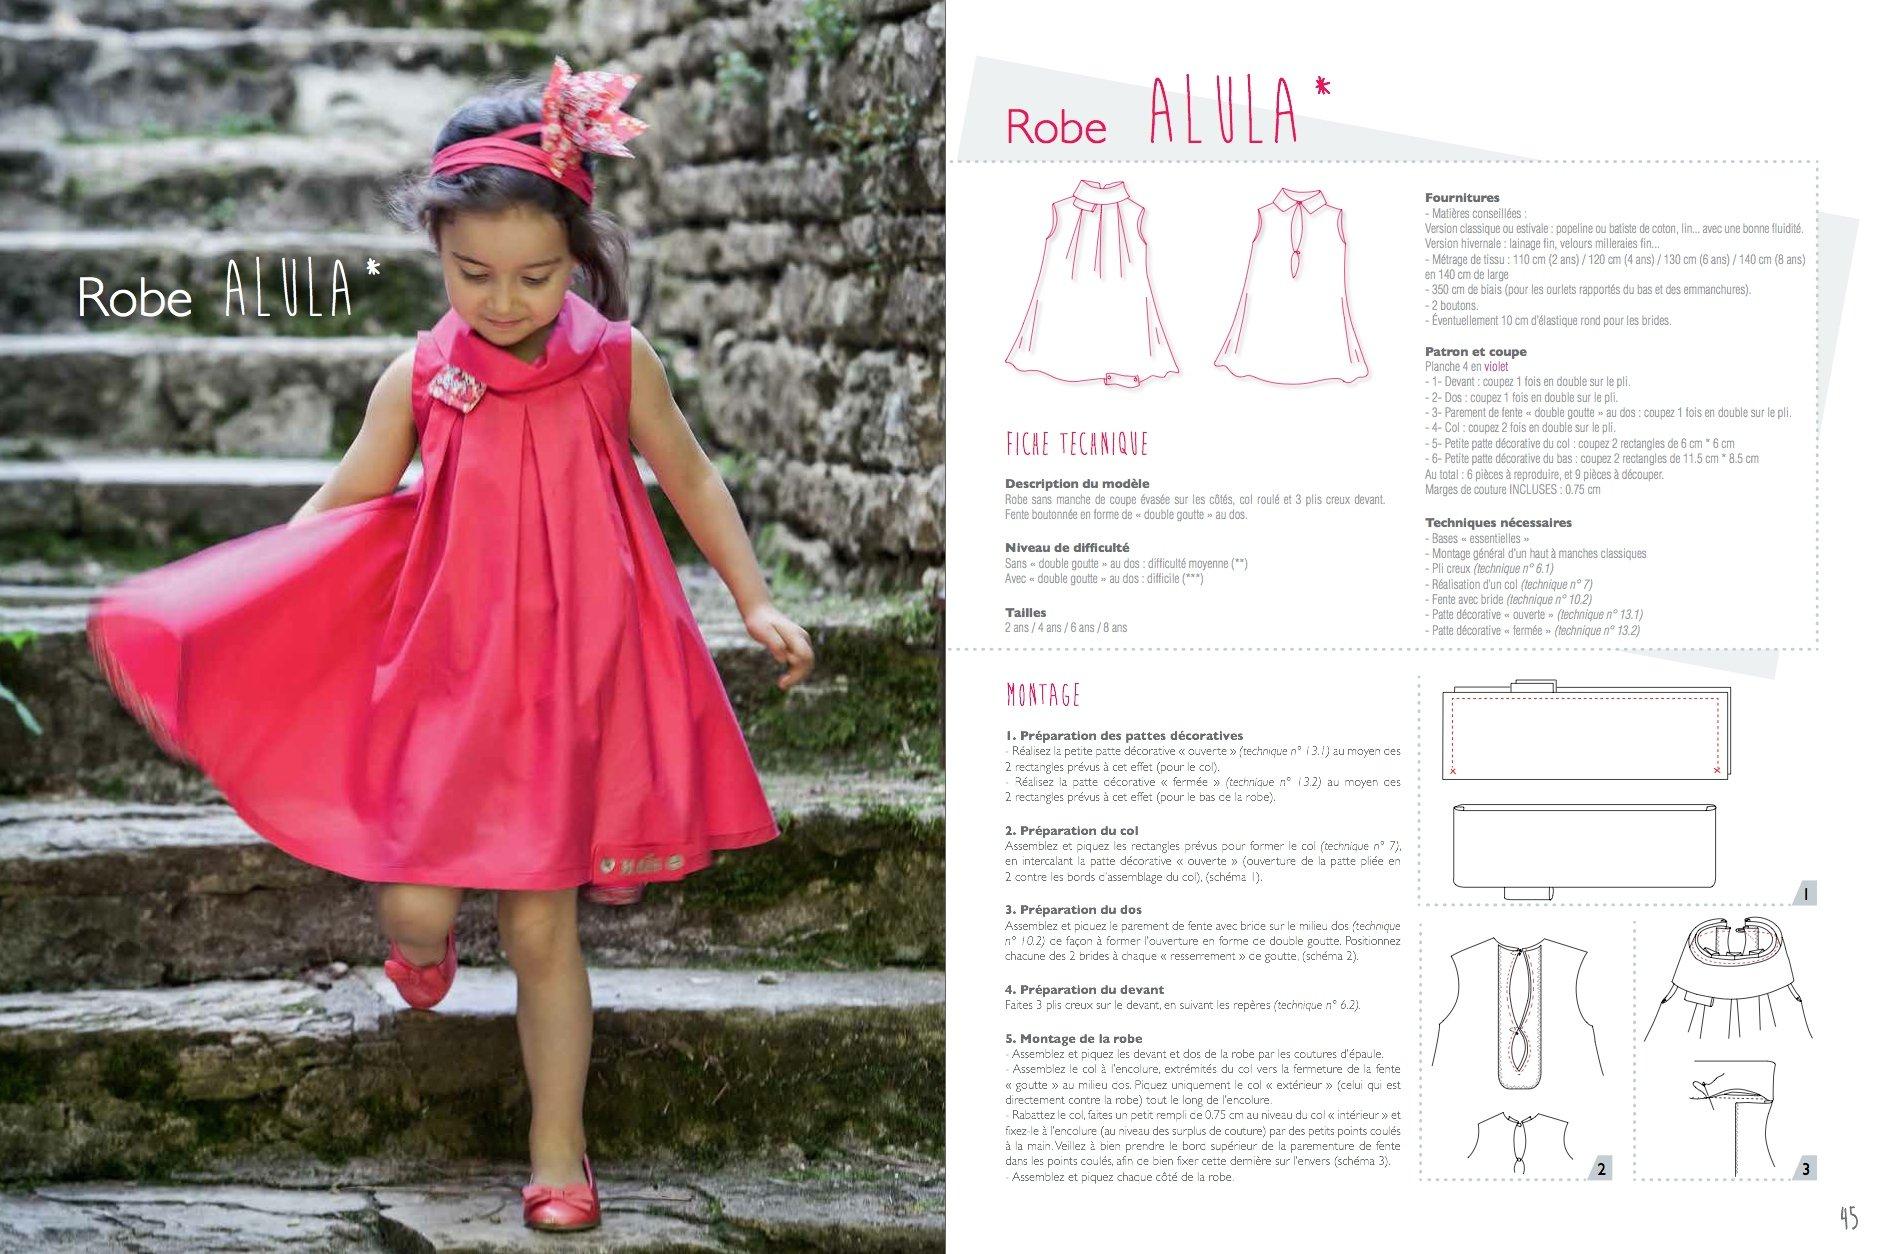 471c8bb03e7a8 Amazon.fr - Grains de couture pour enfant, nouvelle édition - Vêtements  pour filles et garçons de 2 à 8 ans - Ivanne Soufflet - Livres